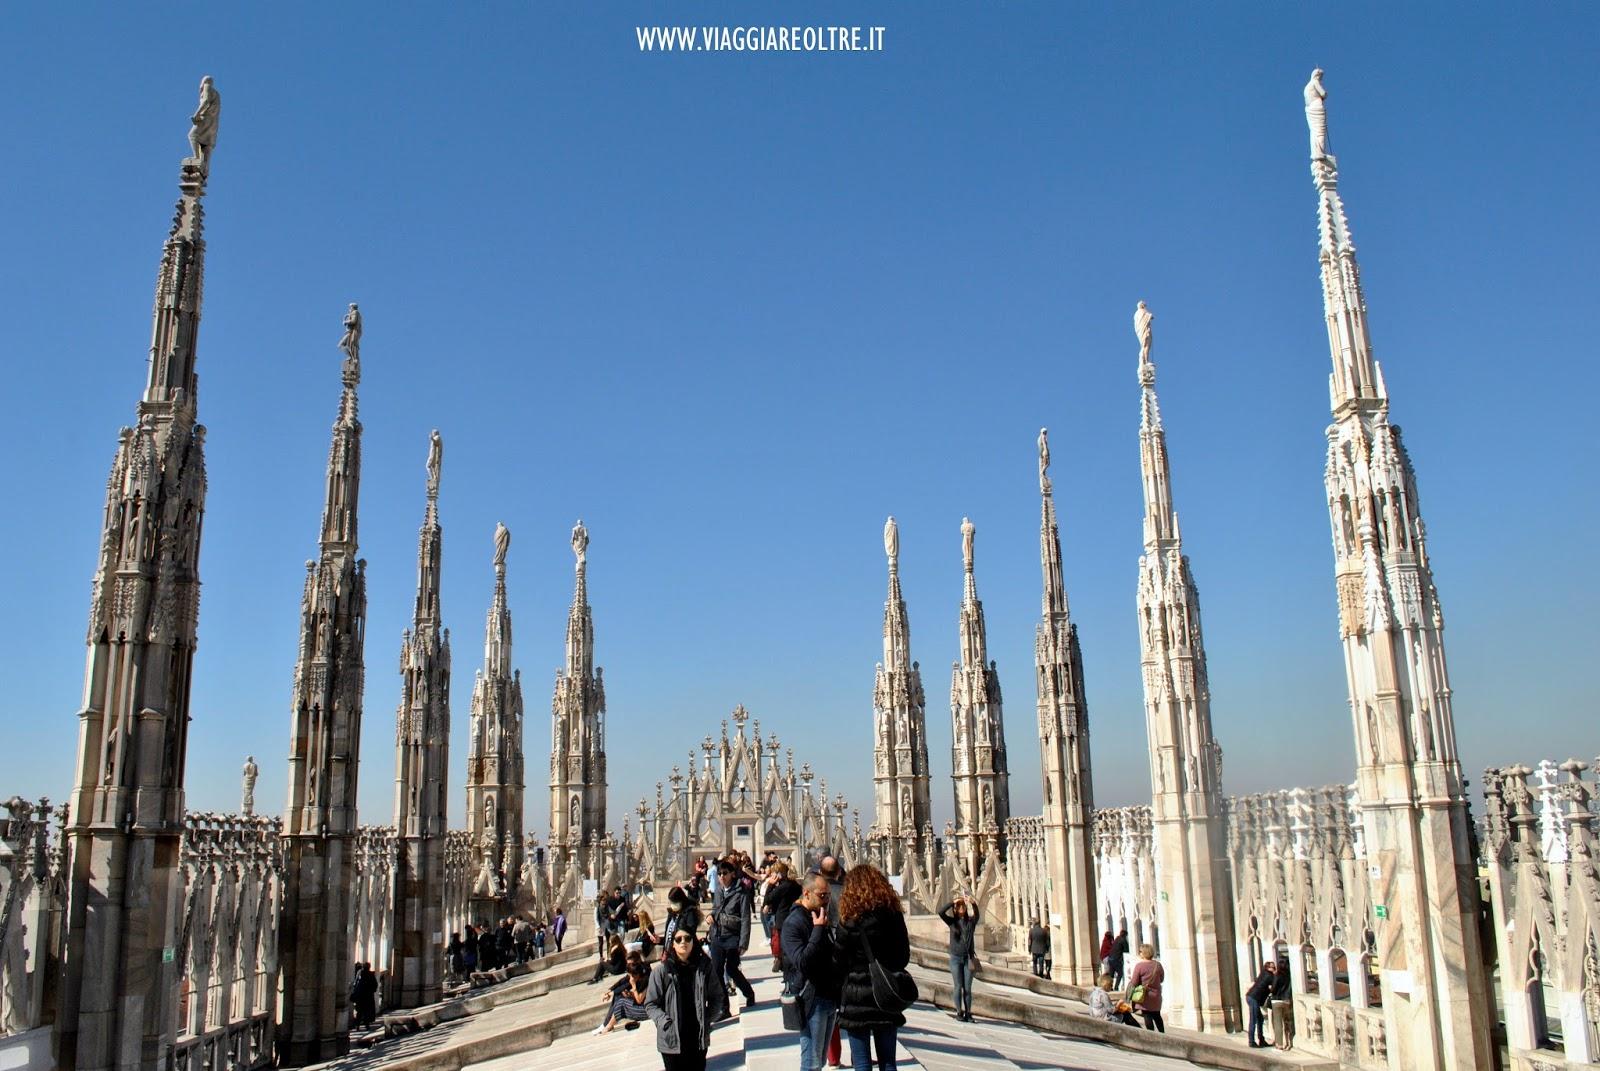 Visita alle terrazze del Duomo di Milano | Viaggiare Oltre